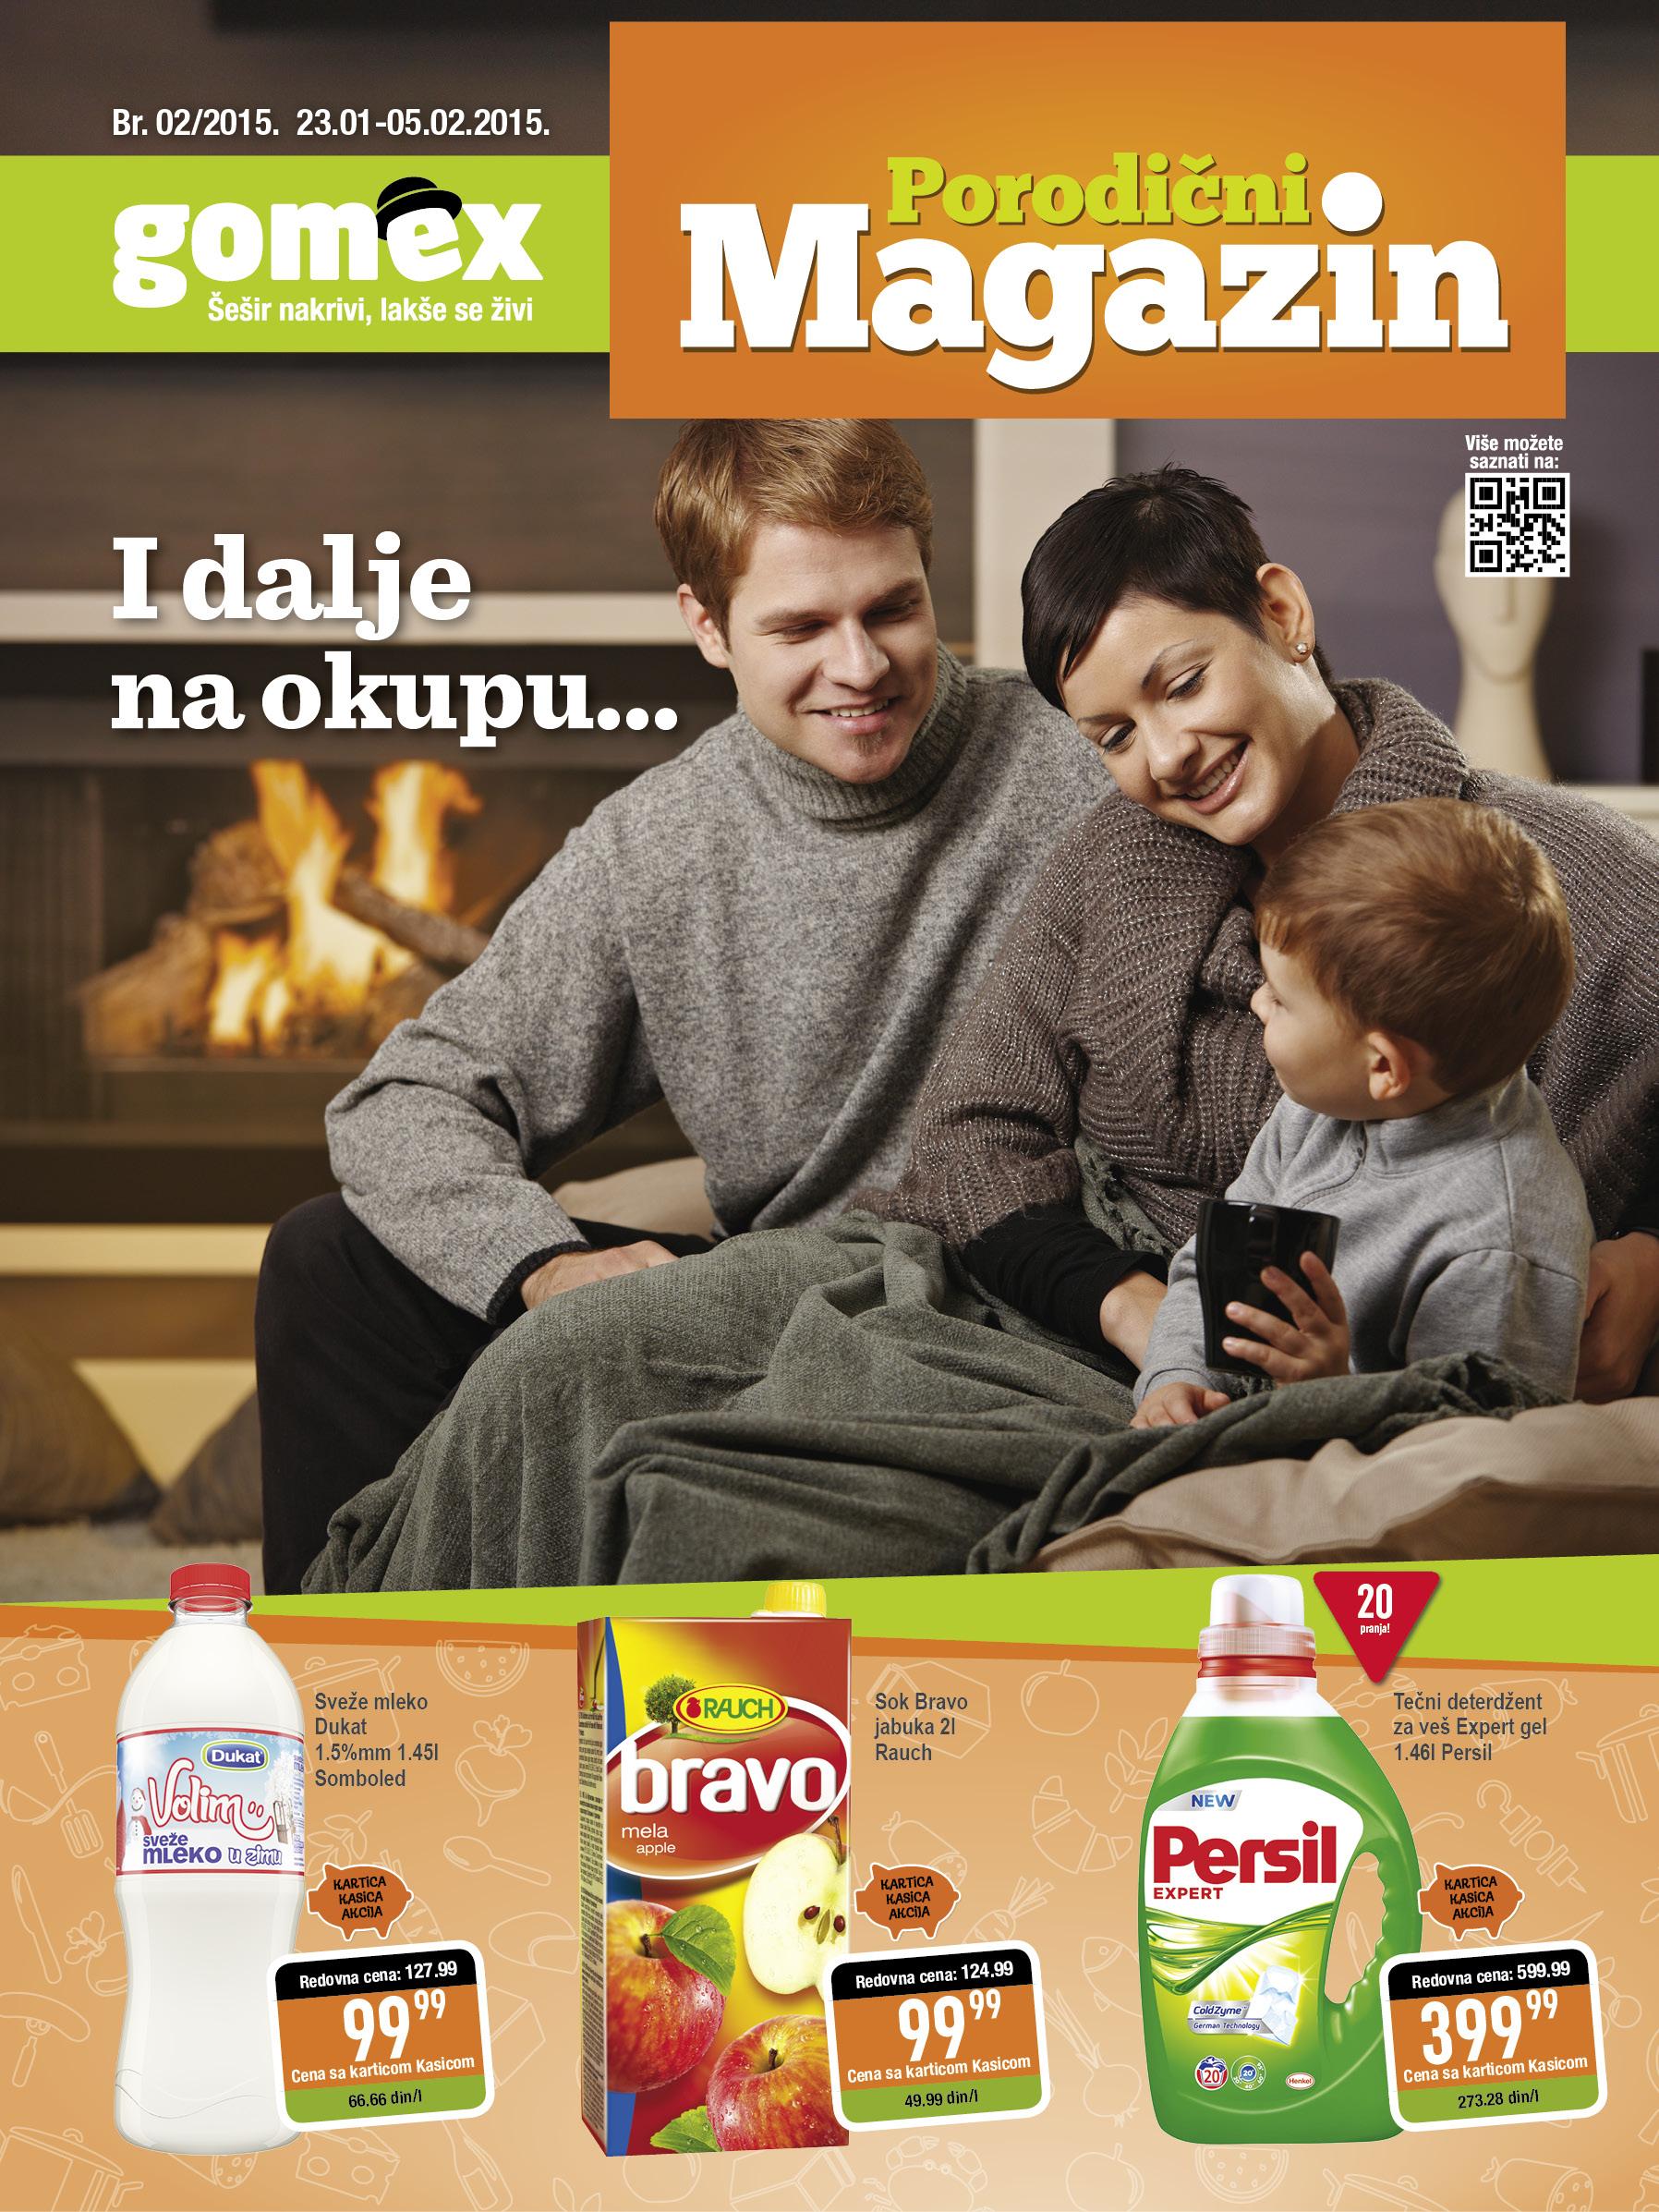 Gomex akcija porodične kupovine je spremna